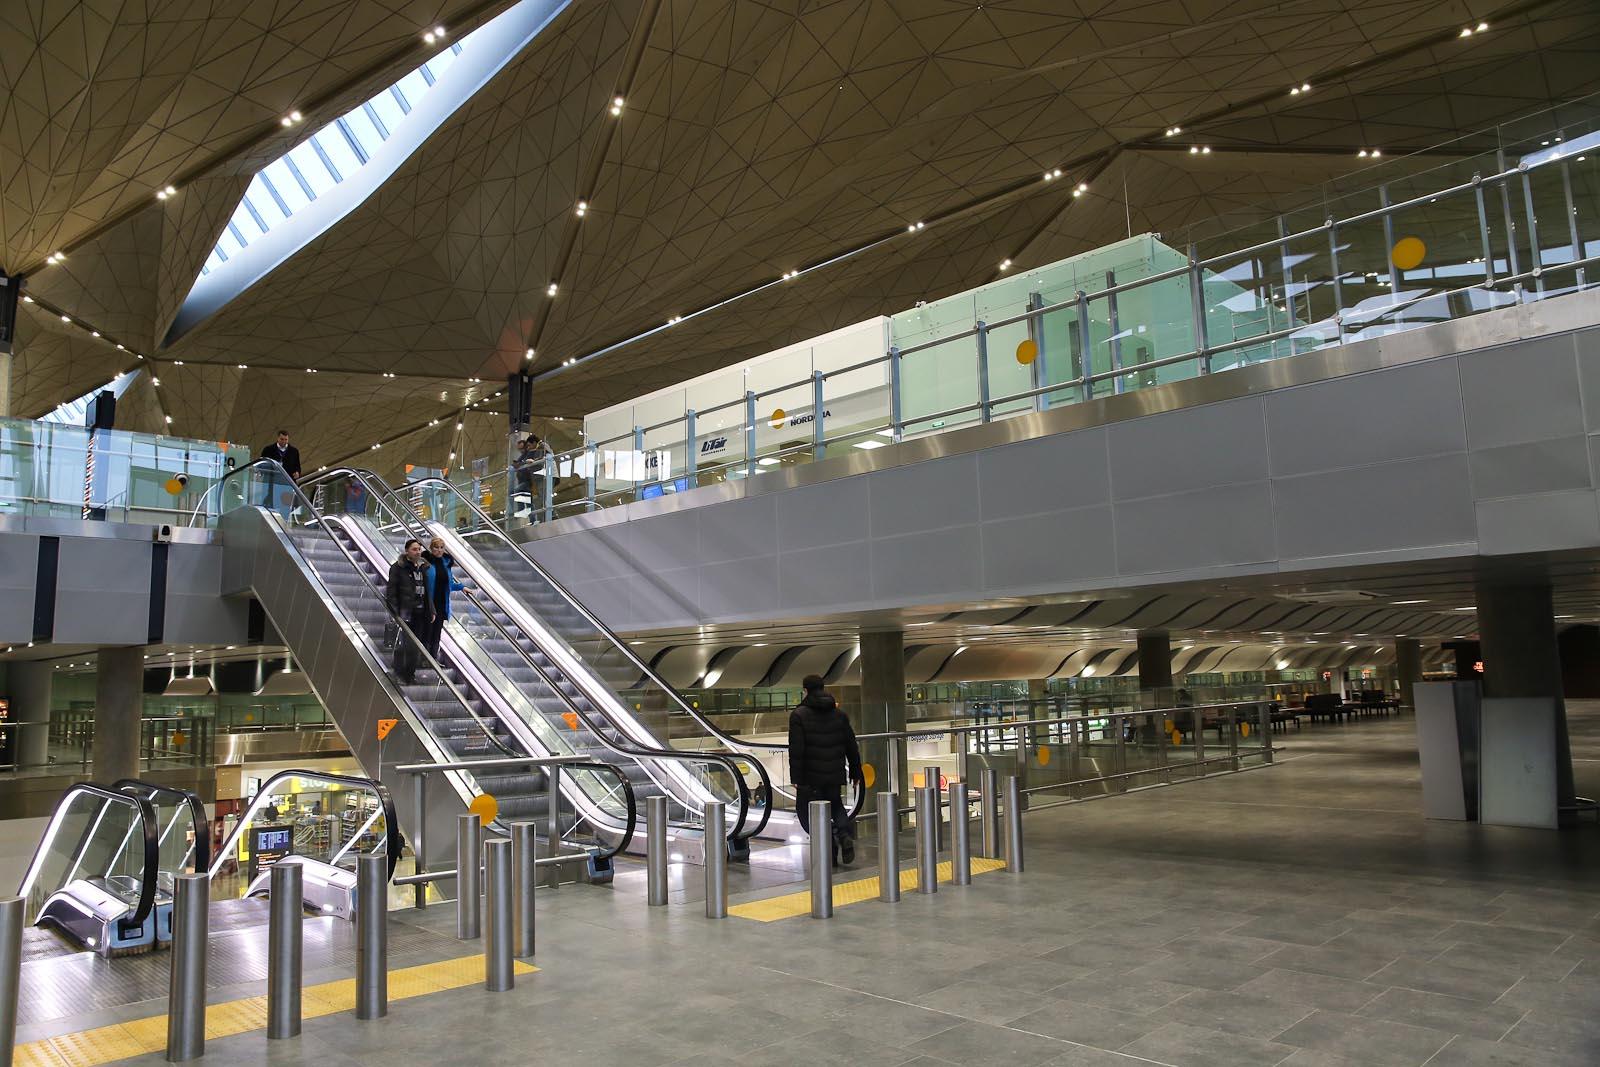 Промежуточный этаж между этажами прилета и вылета в новом терминале аэропорта Санкт-Петербург Пулково